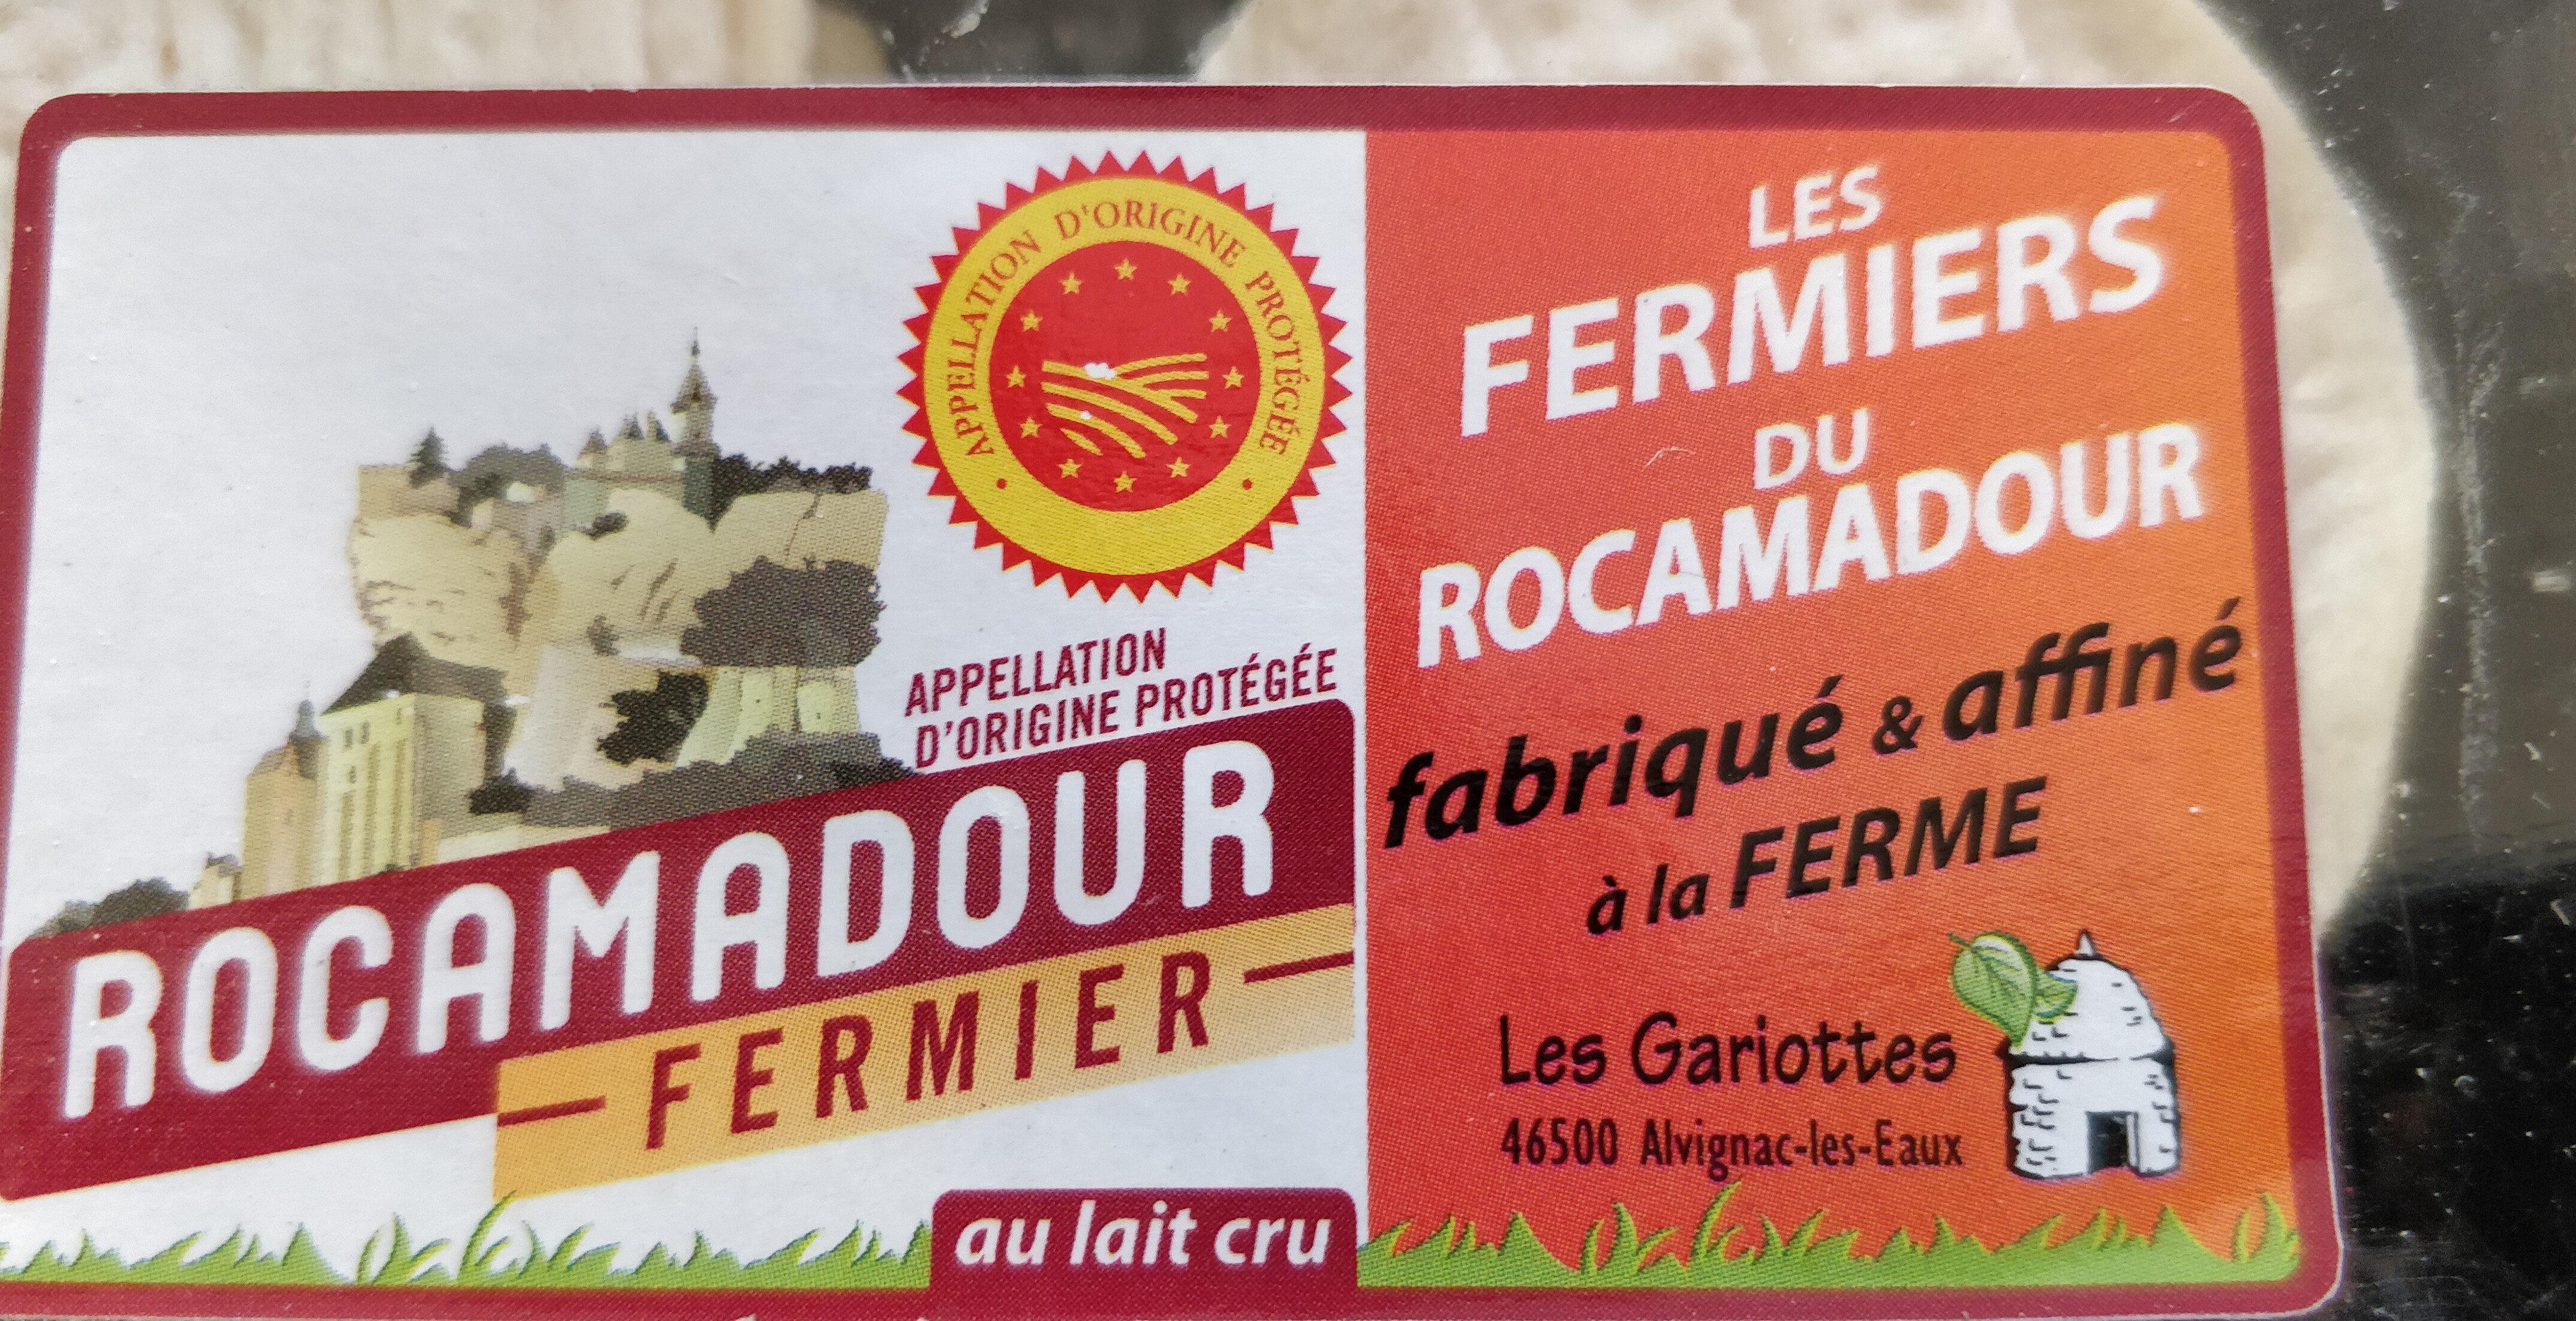 Rocamadour fermier - Product - fr